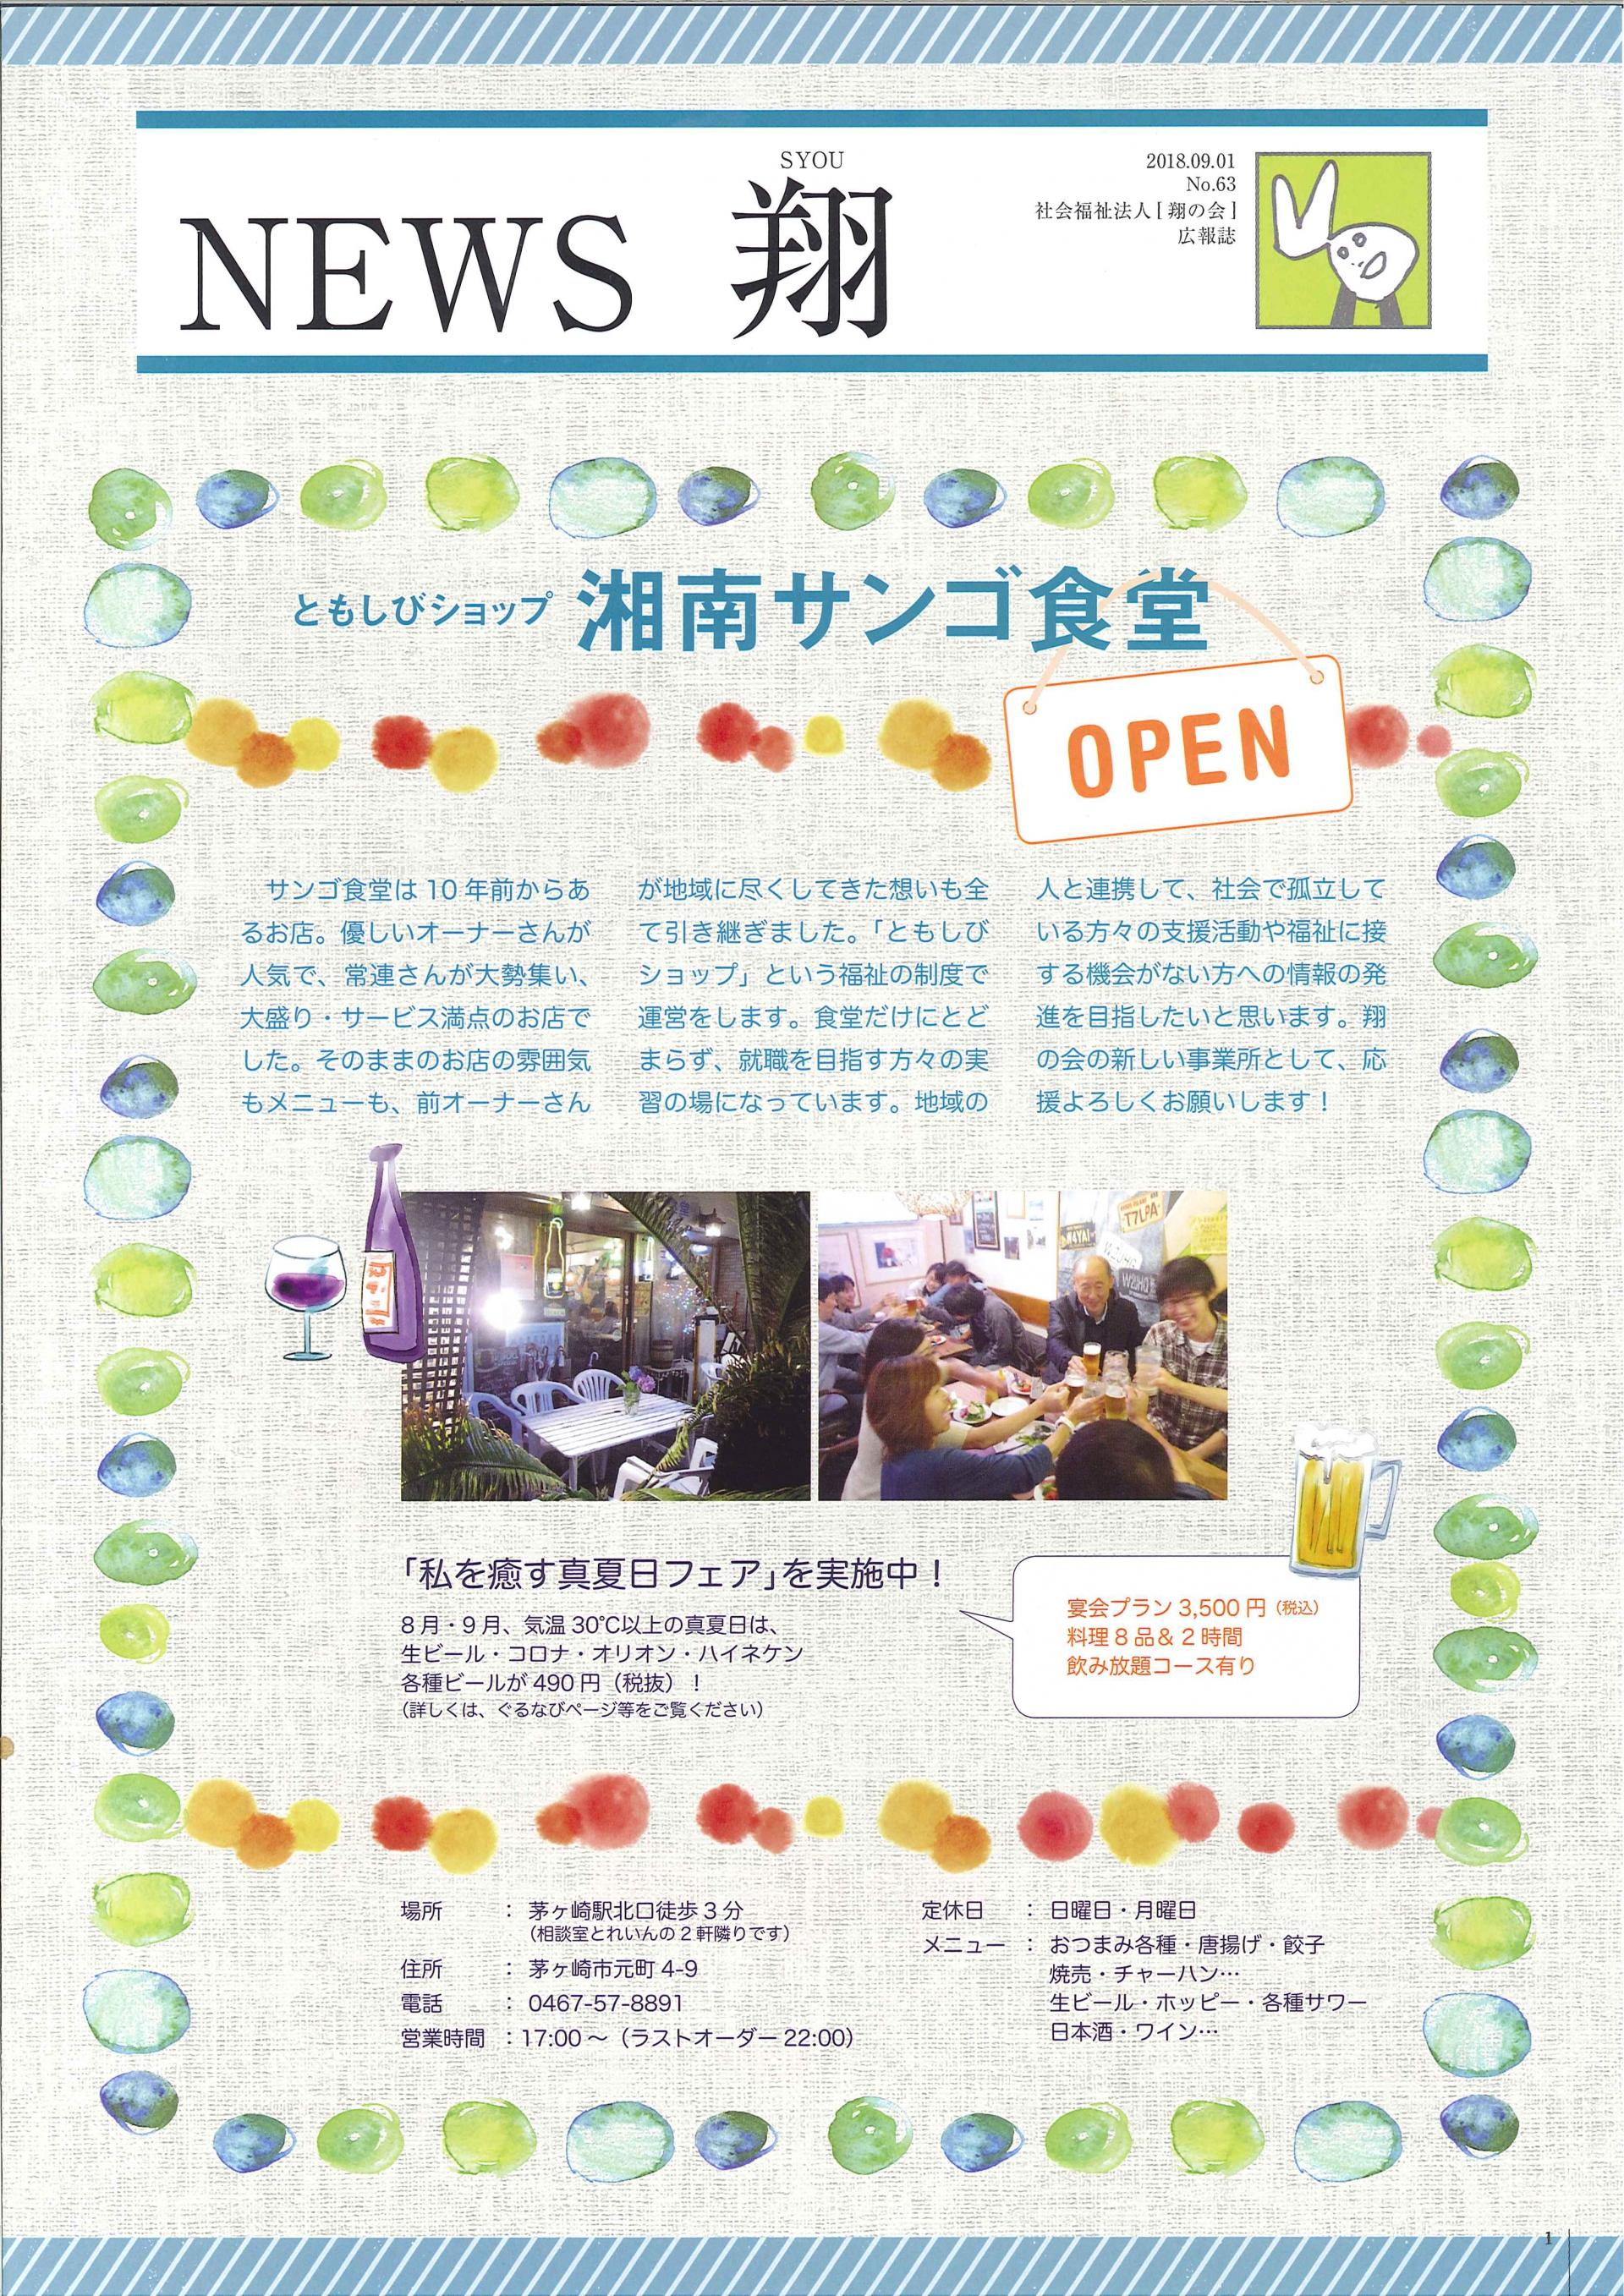 広報誌「NEWS翔」63号